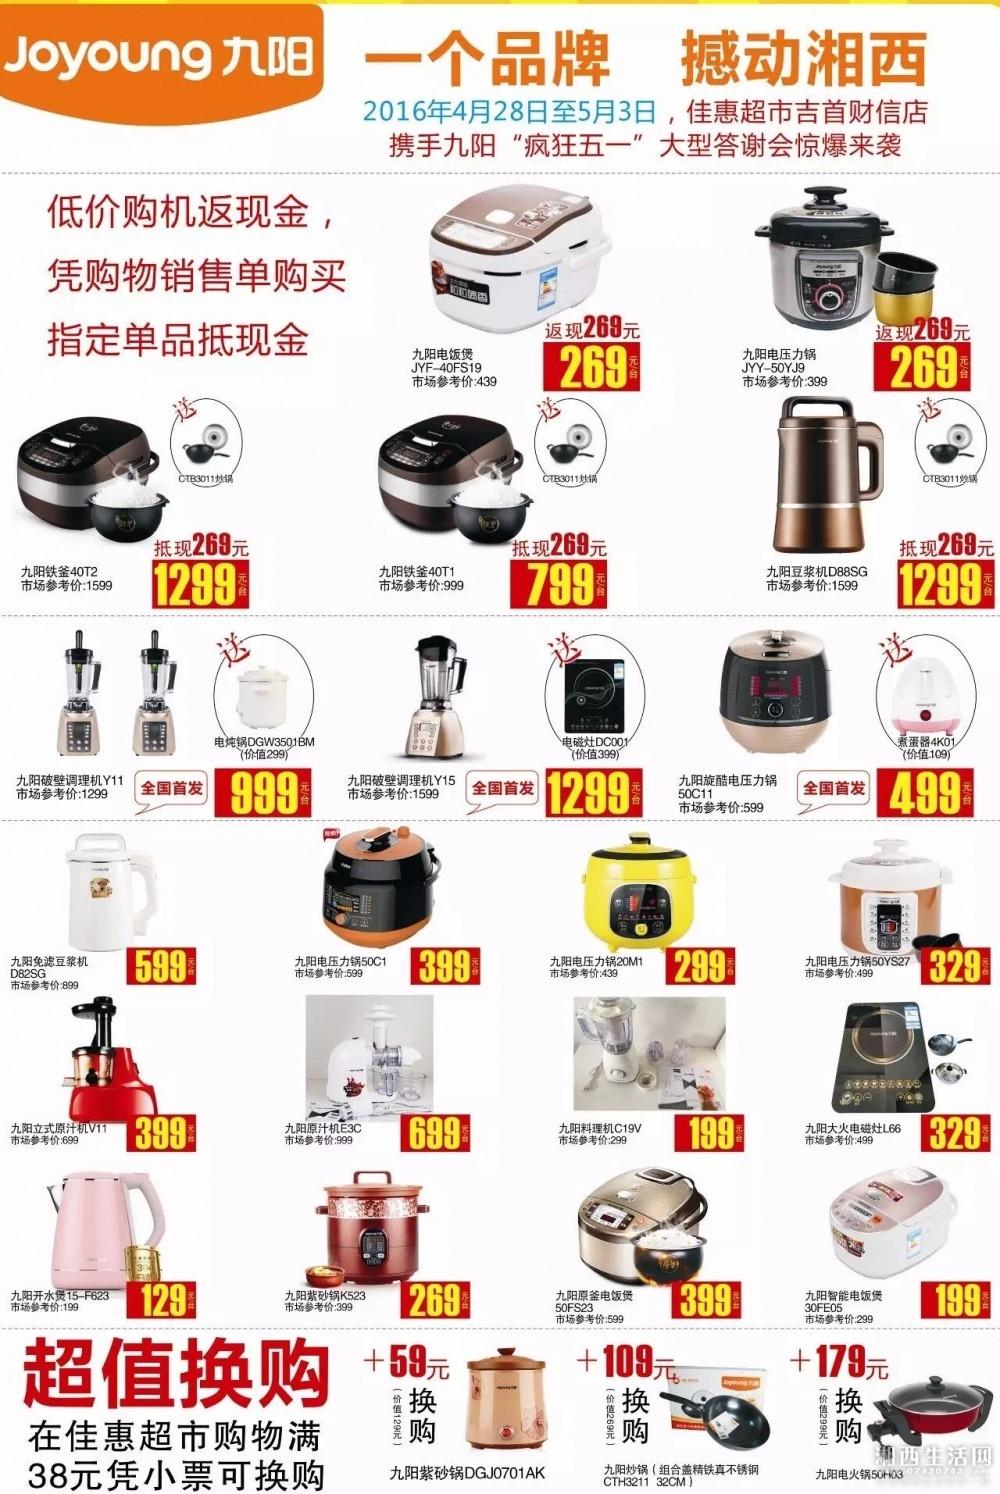 佳惠超市IMG_4481.JPG